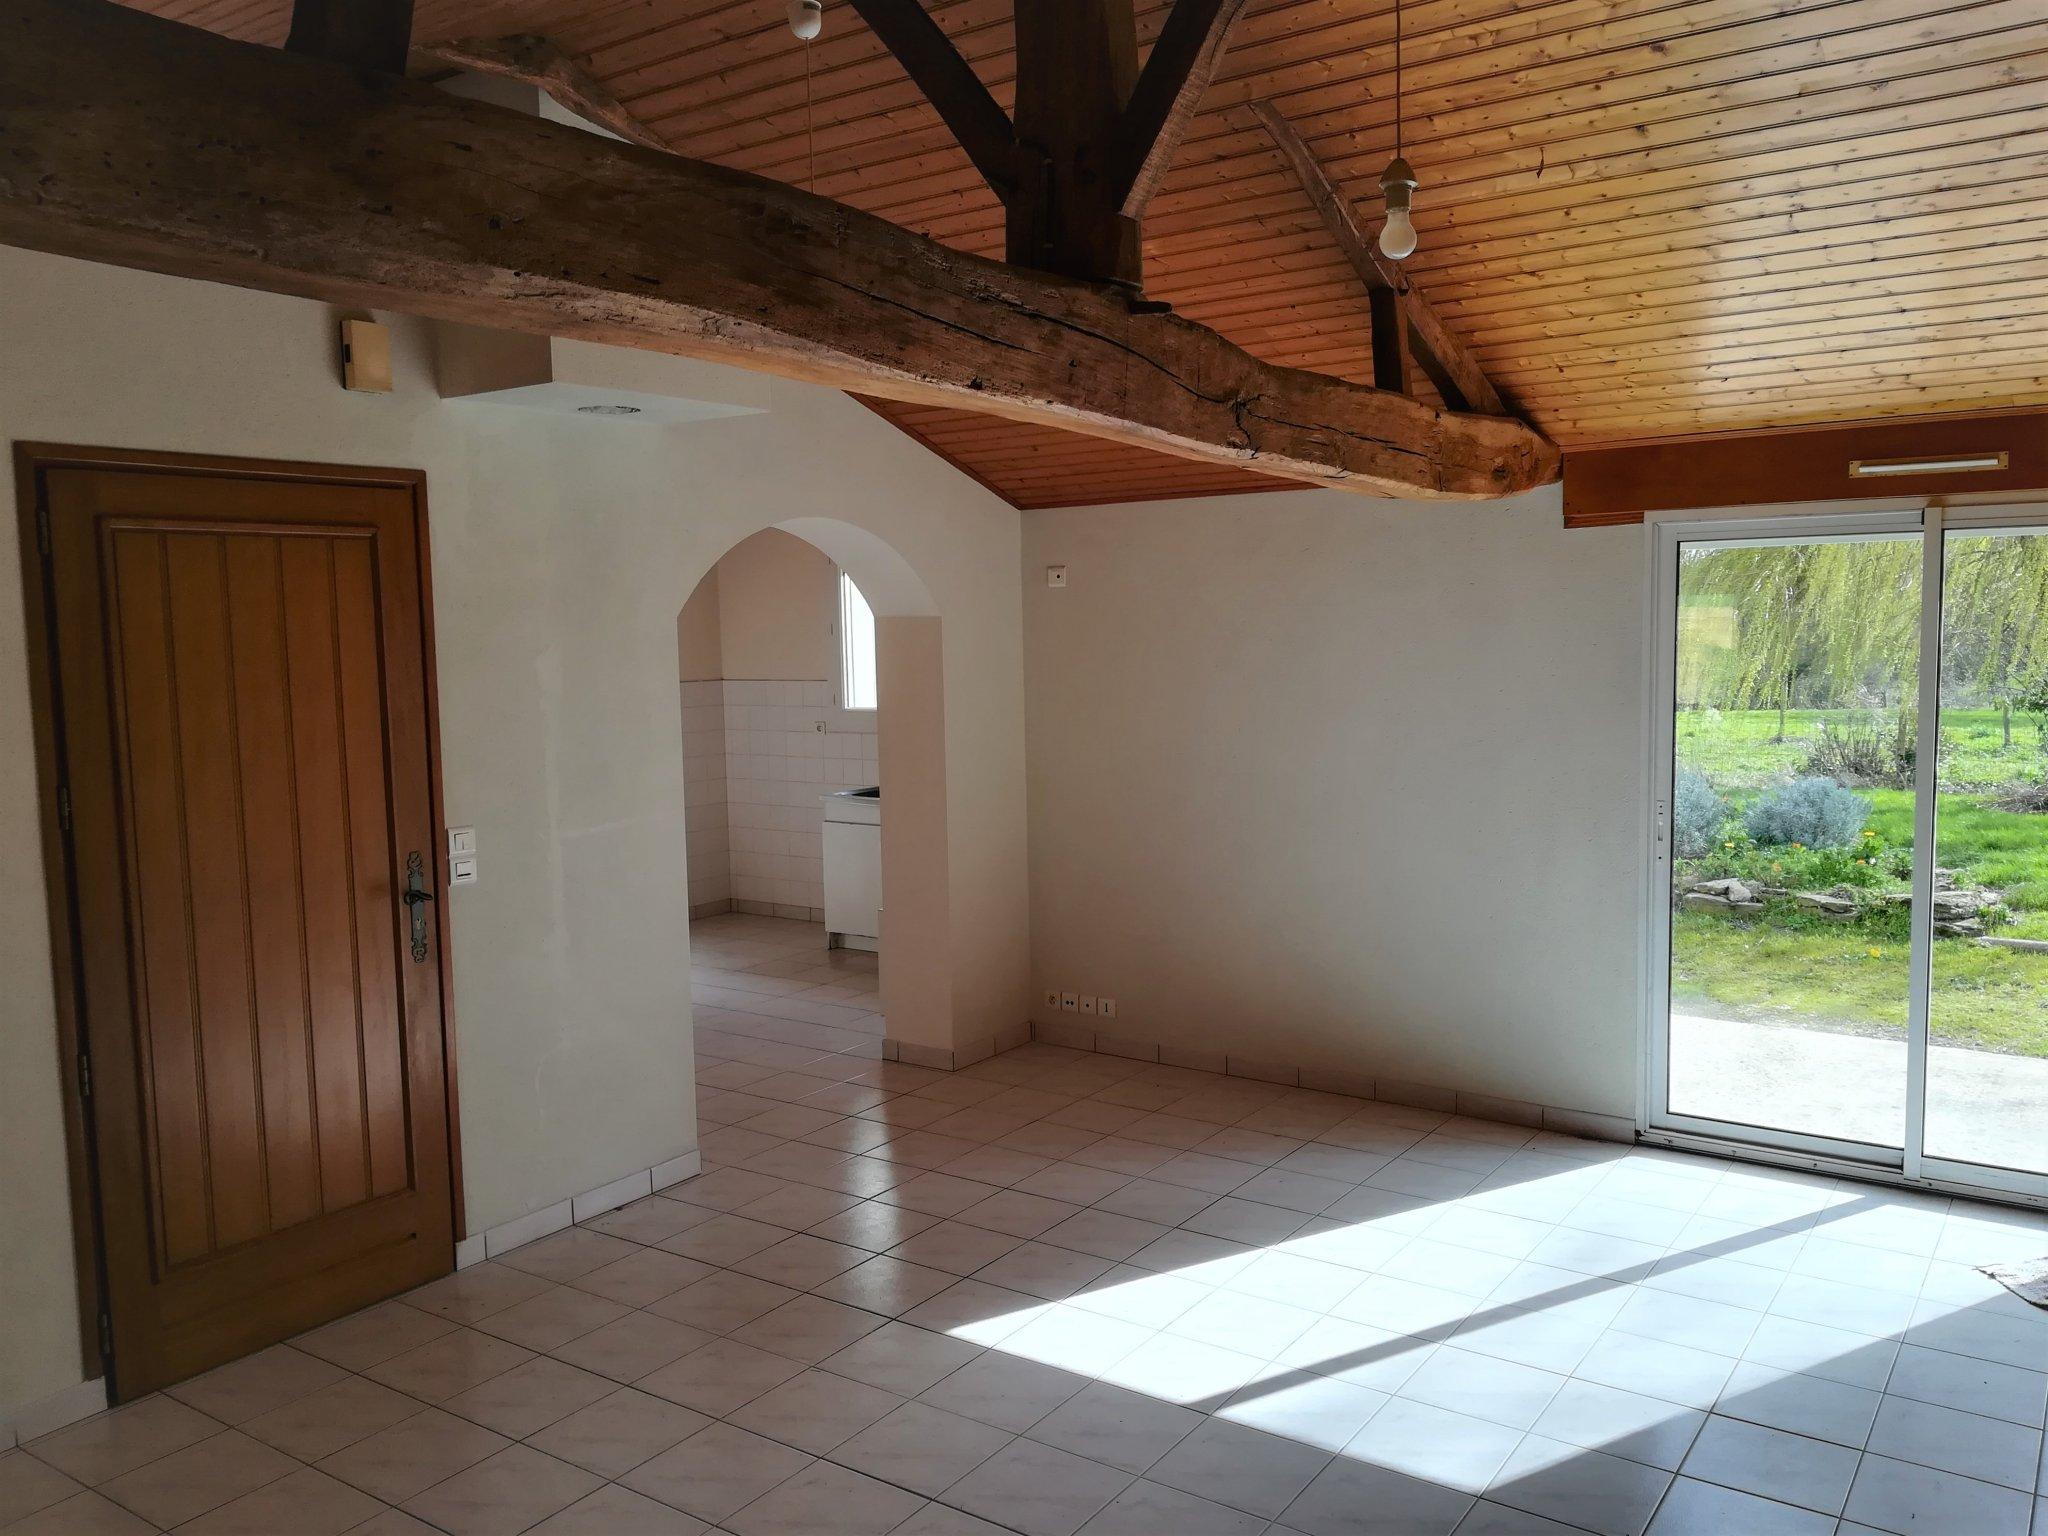 La Garnache – Maison 2 chambres – 67 m2 – La Garnache